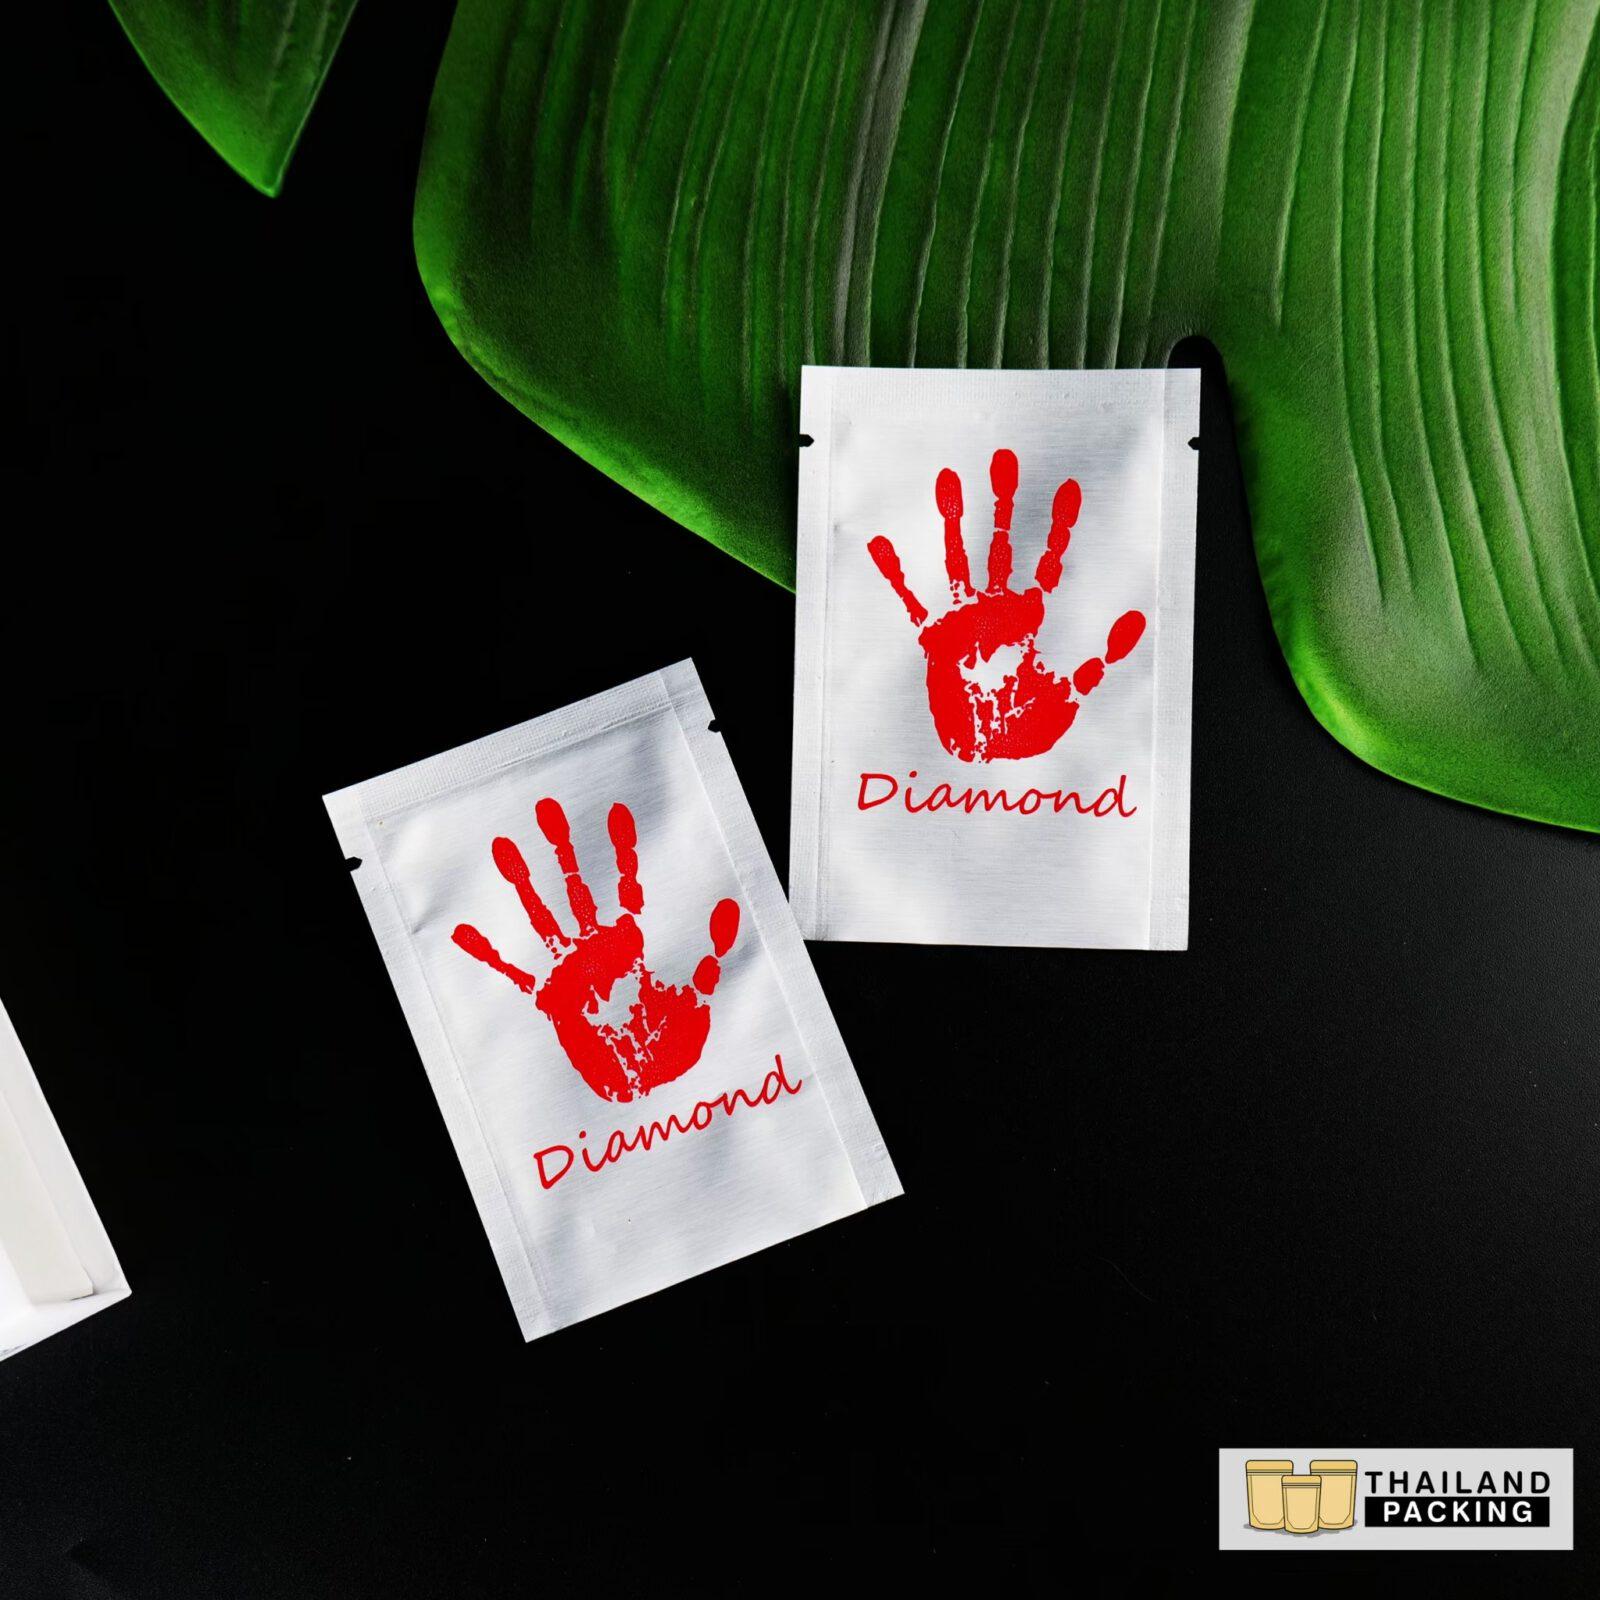 สกรีนถุง-สกรีน-ซองซีล-ซองซีล3ด้าน-ออกแบบโลโก้-Logo